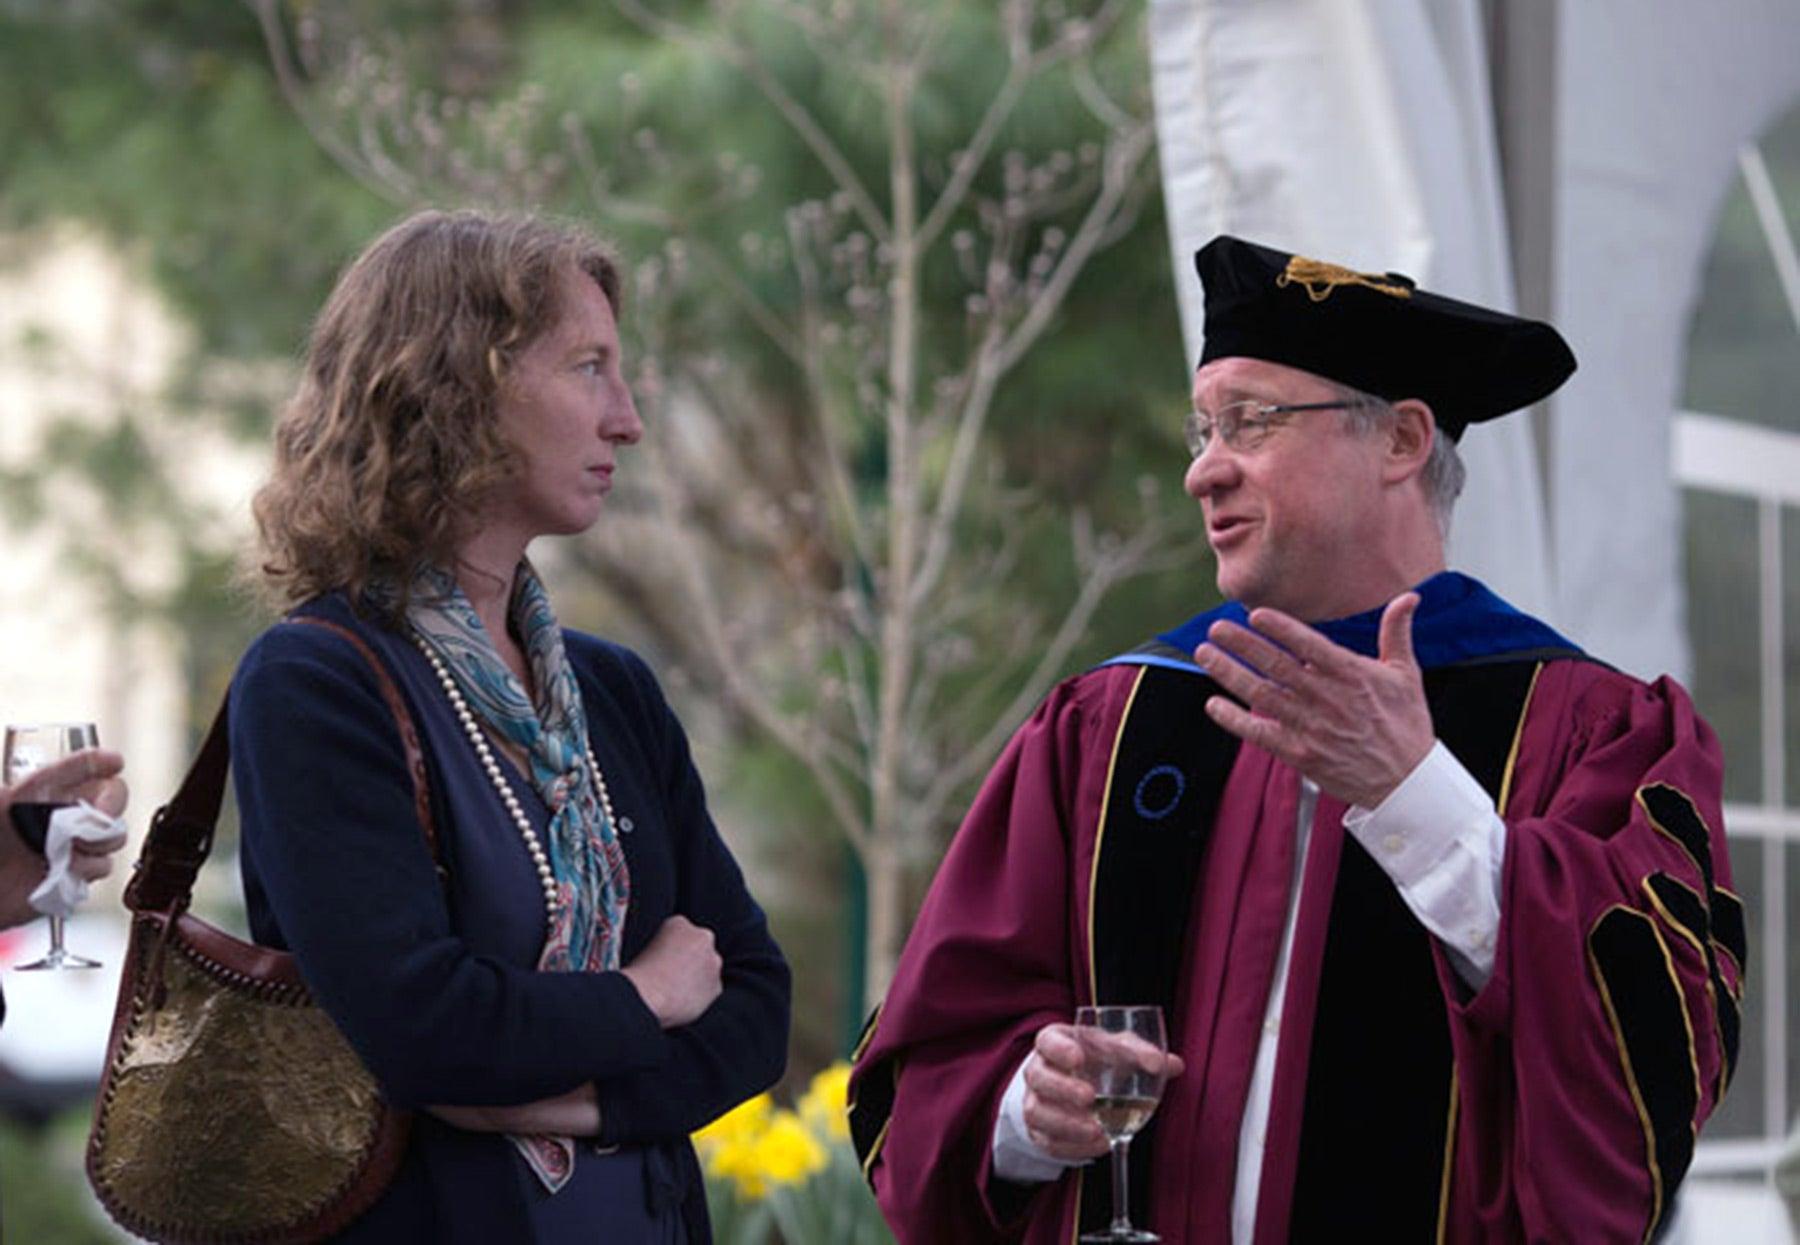 photo of former Associate Dean Carrie Cowan and Dean Alexander Gann